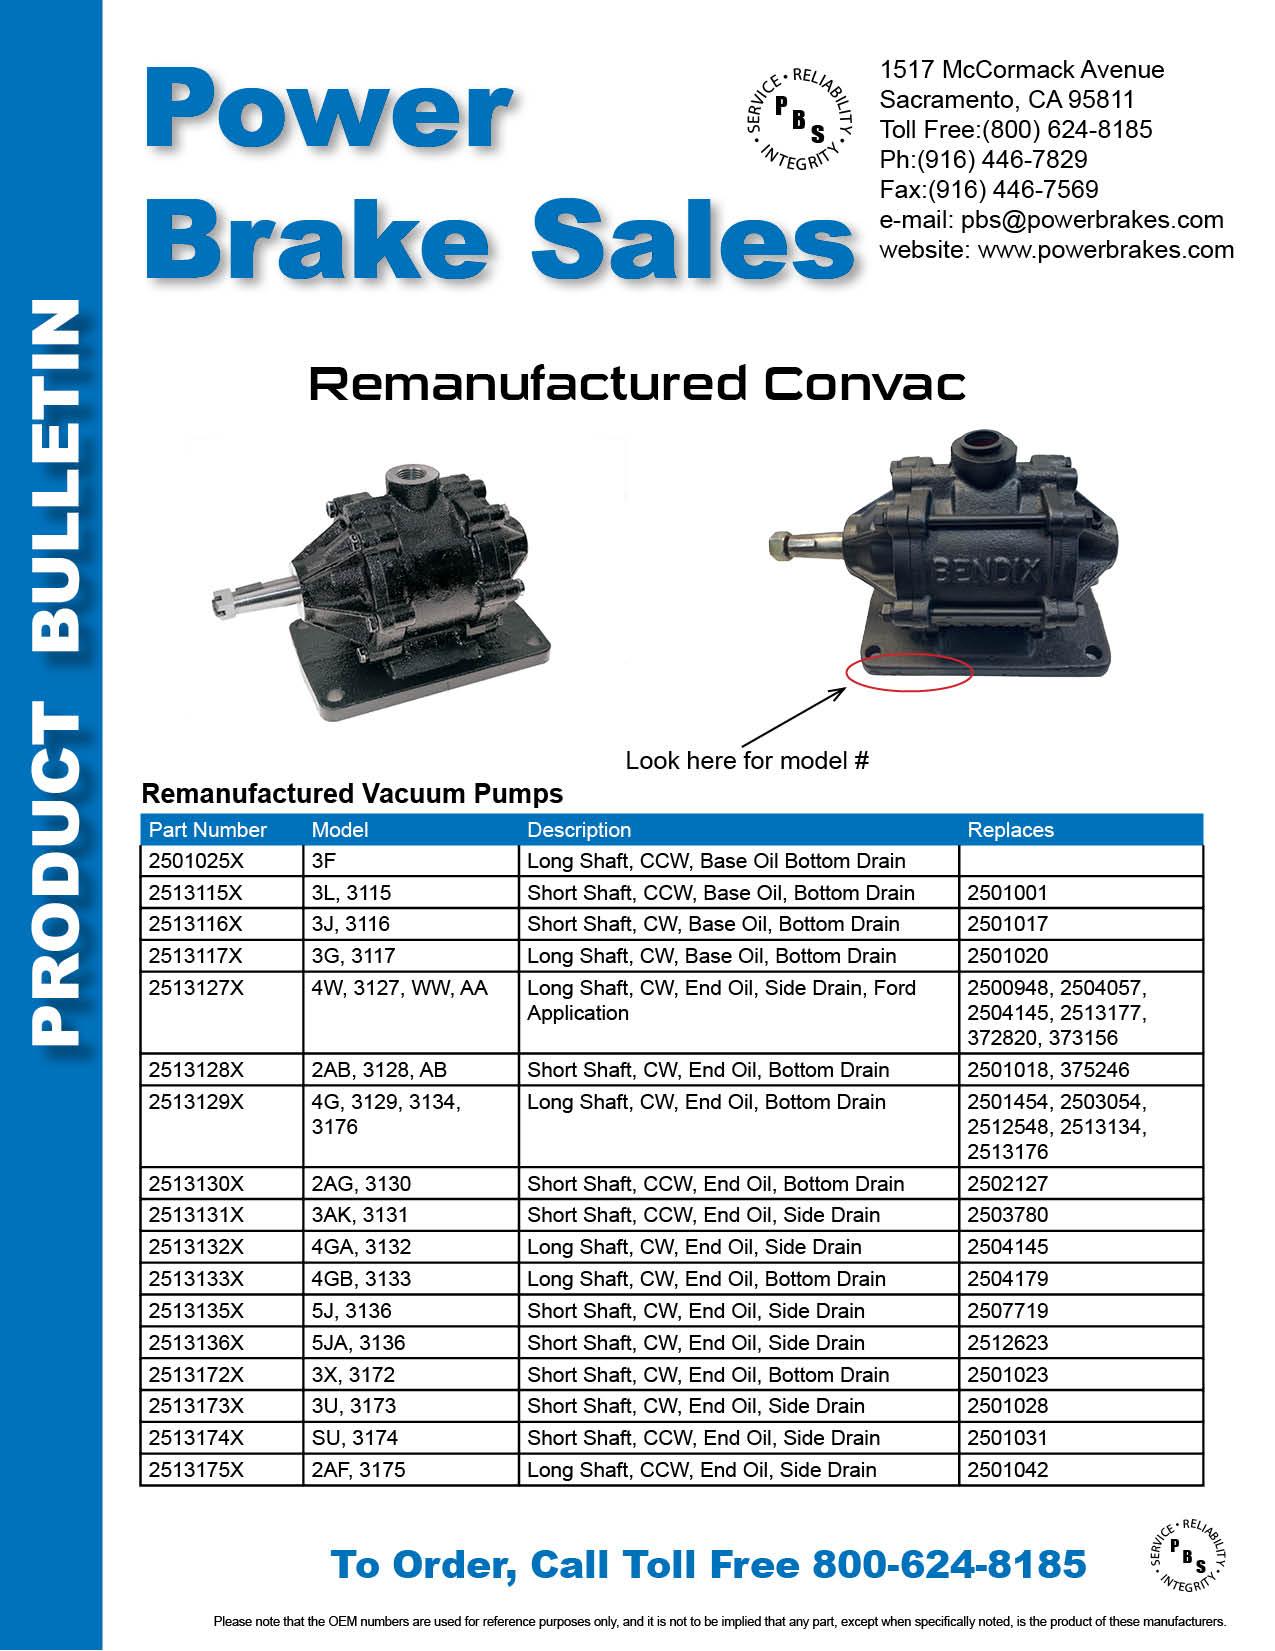 Power Brake Sales Convac Pumps page